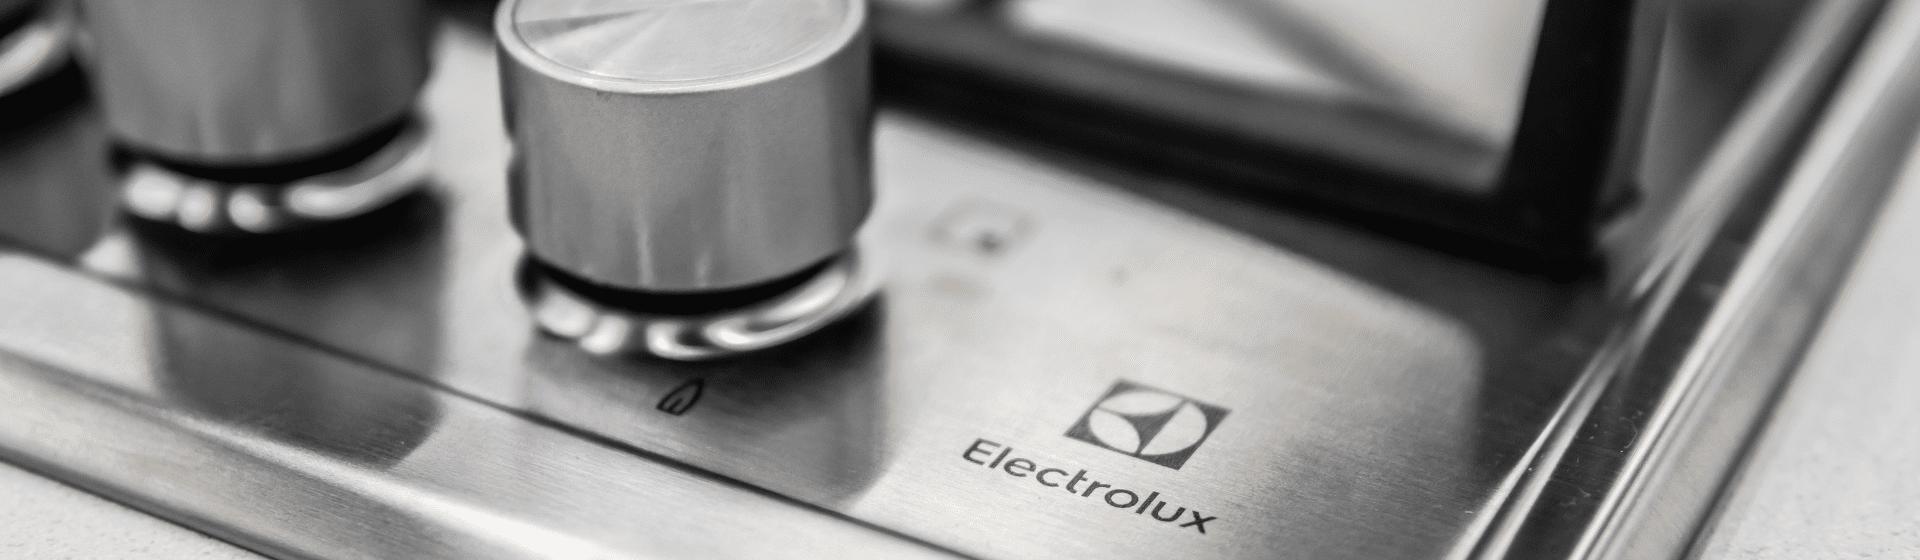 Fogão Electrolux 76DXR: análise de ficha técnica e preço do modelos